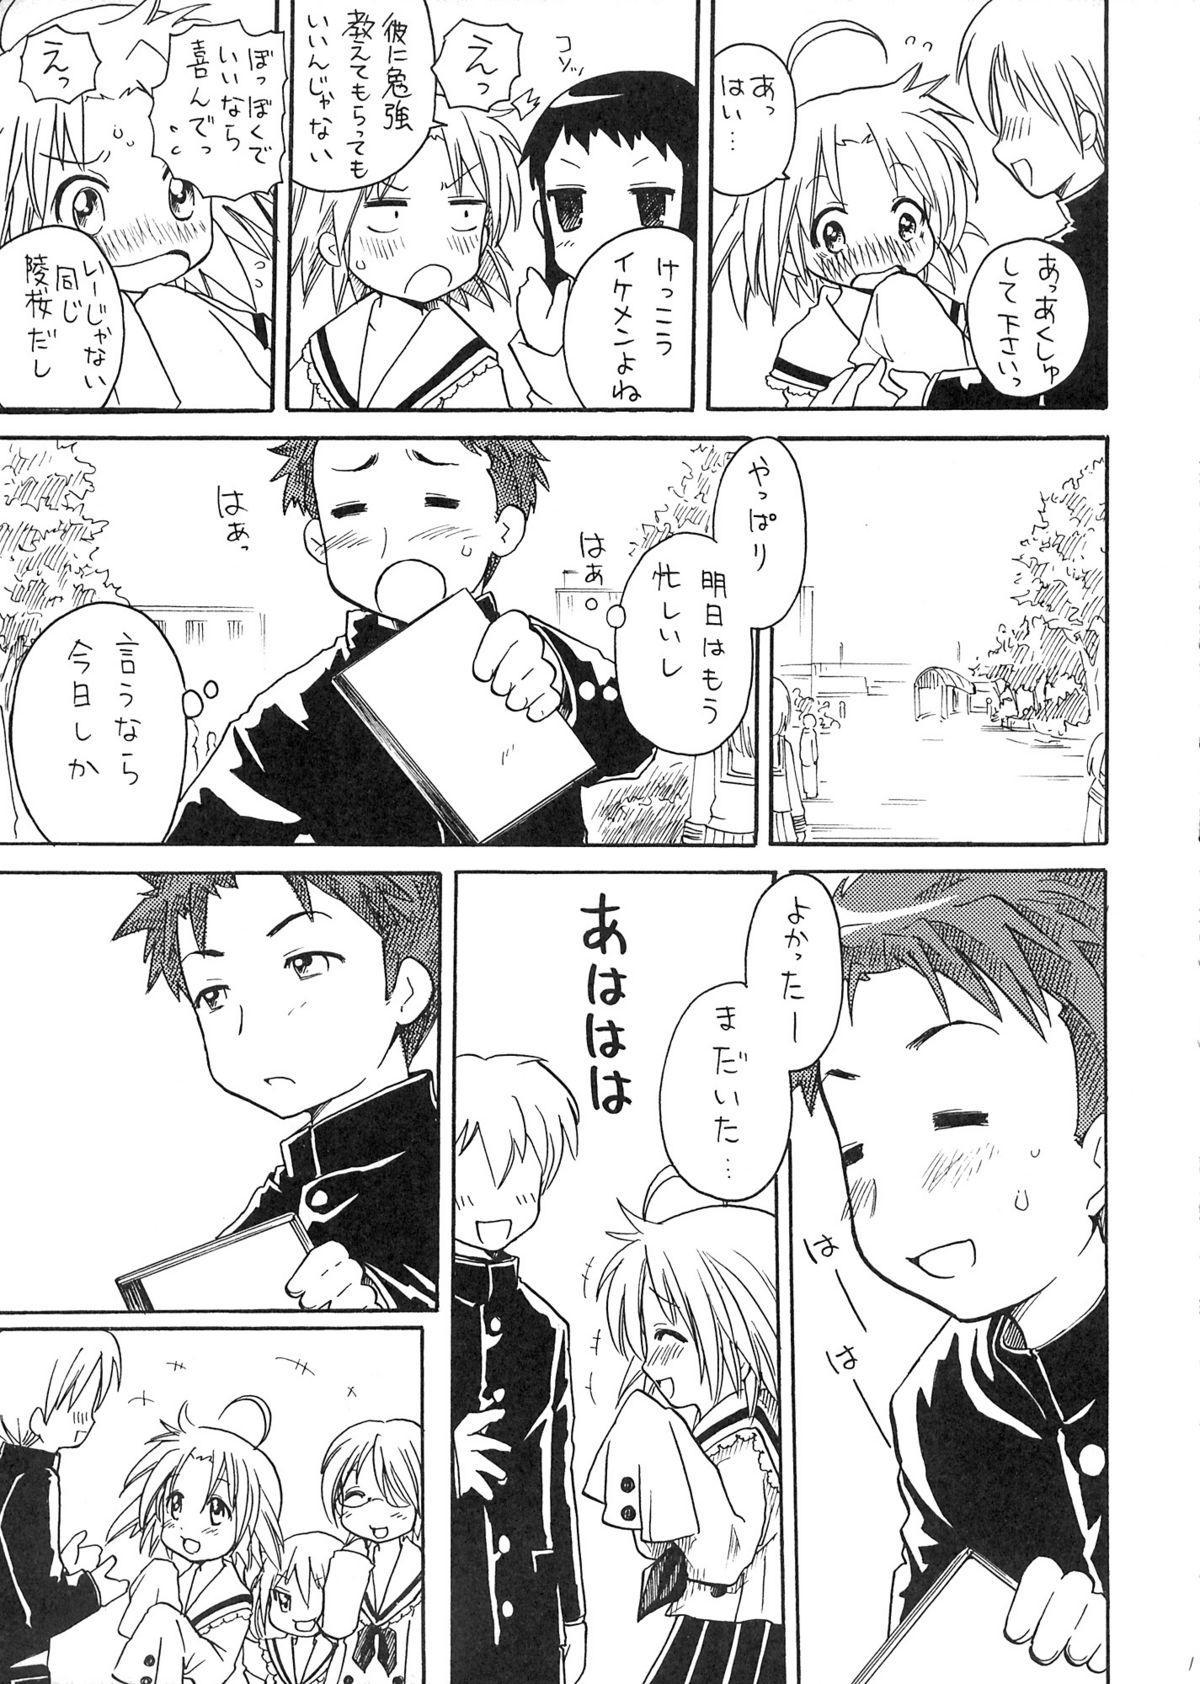 Akira-sama no Yuuutsu 10